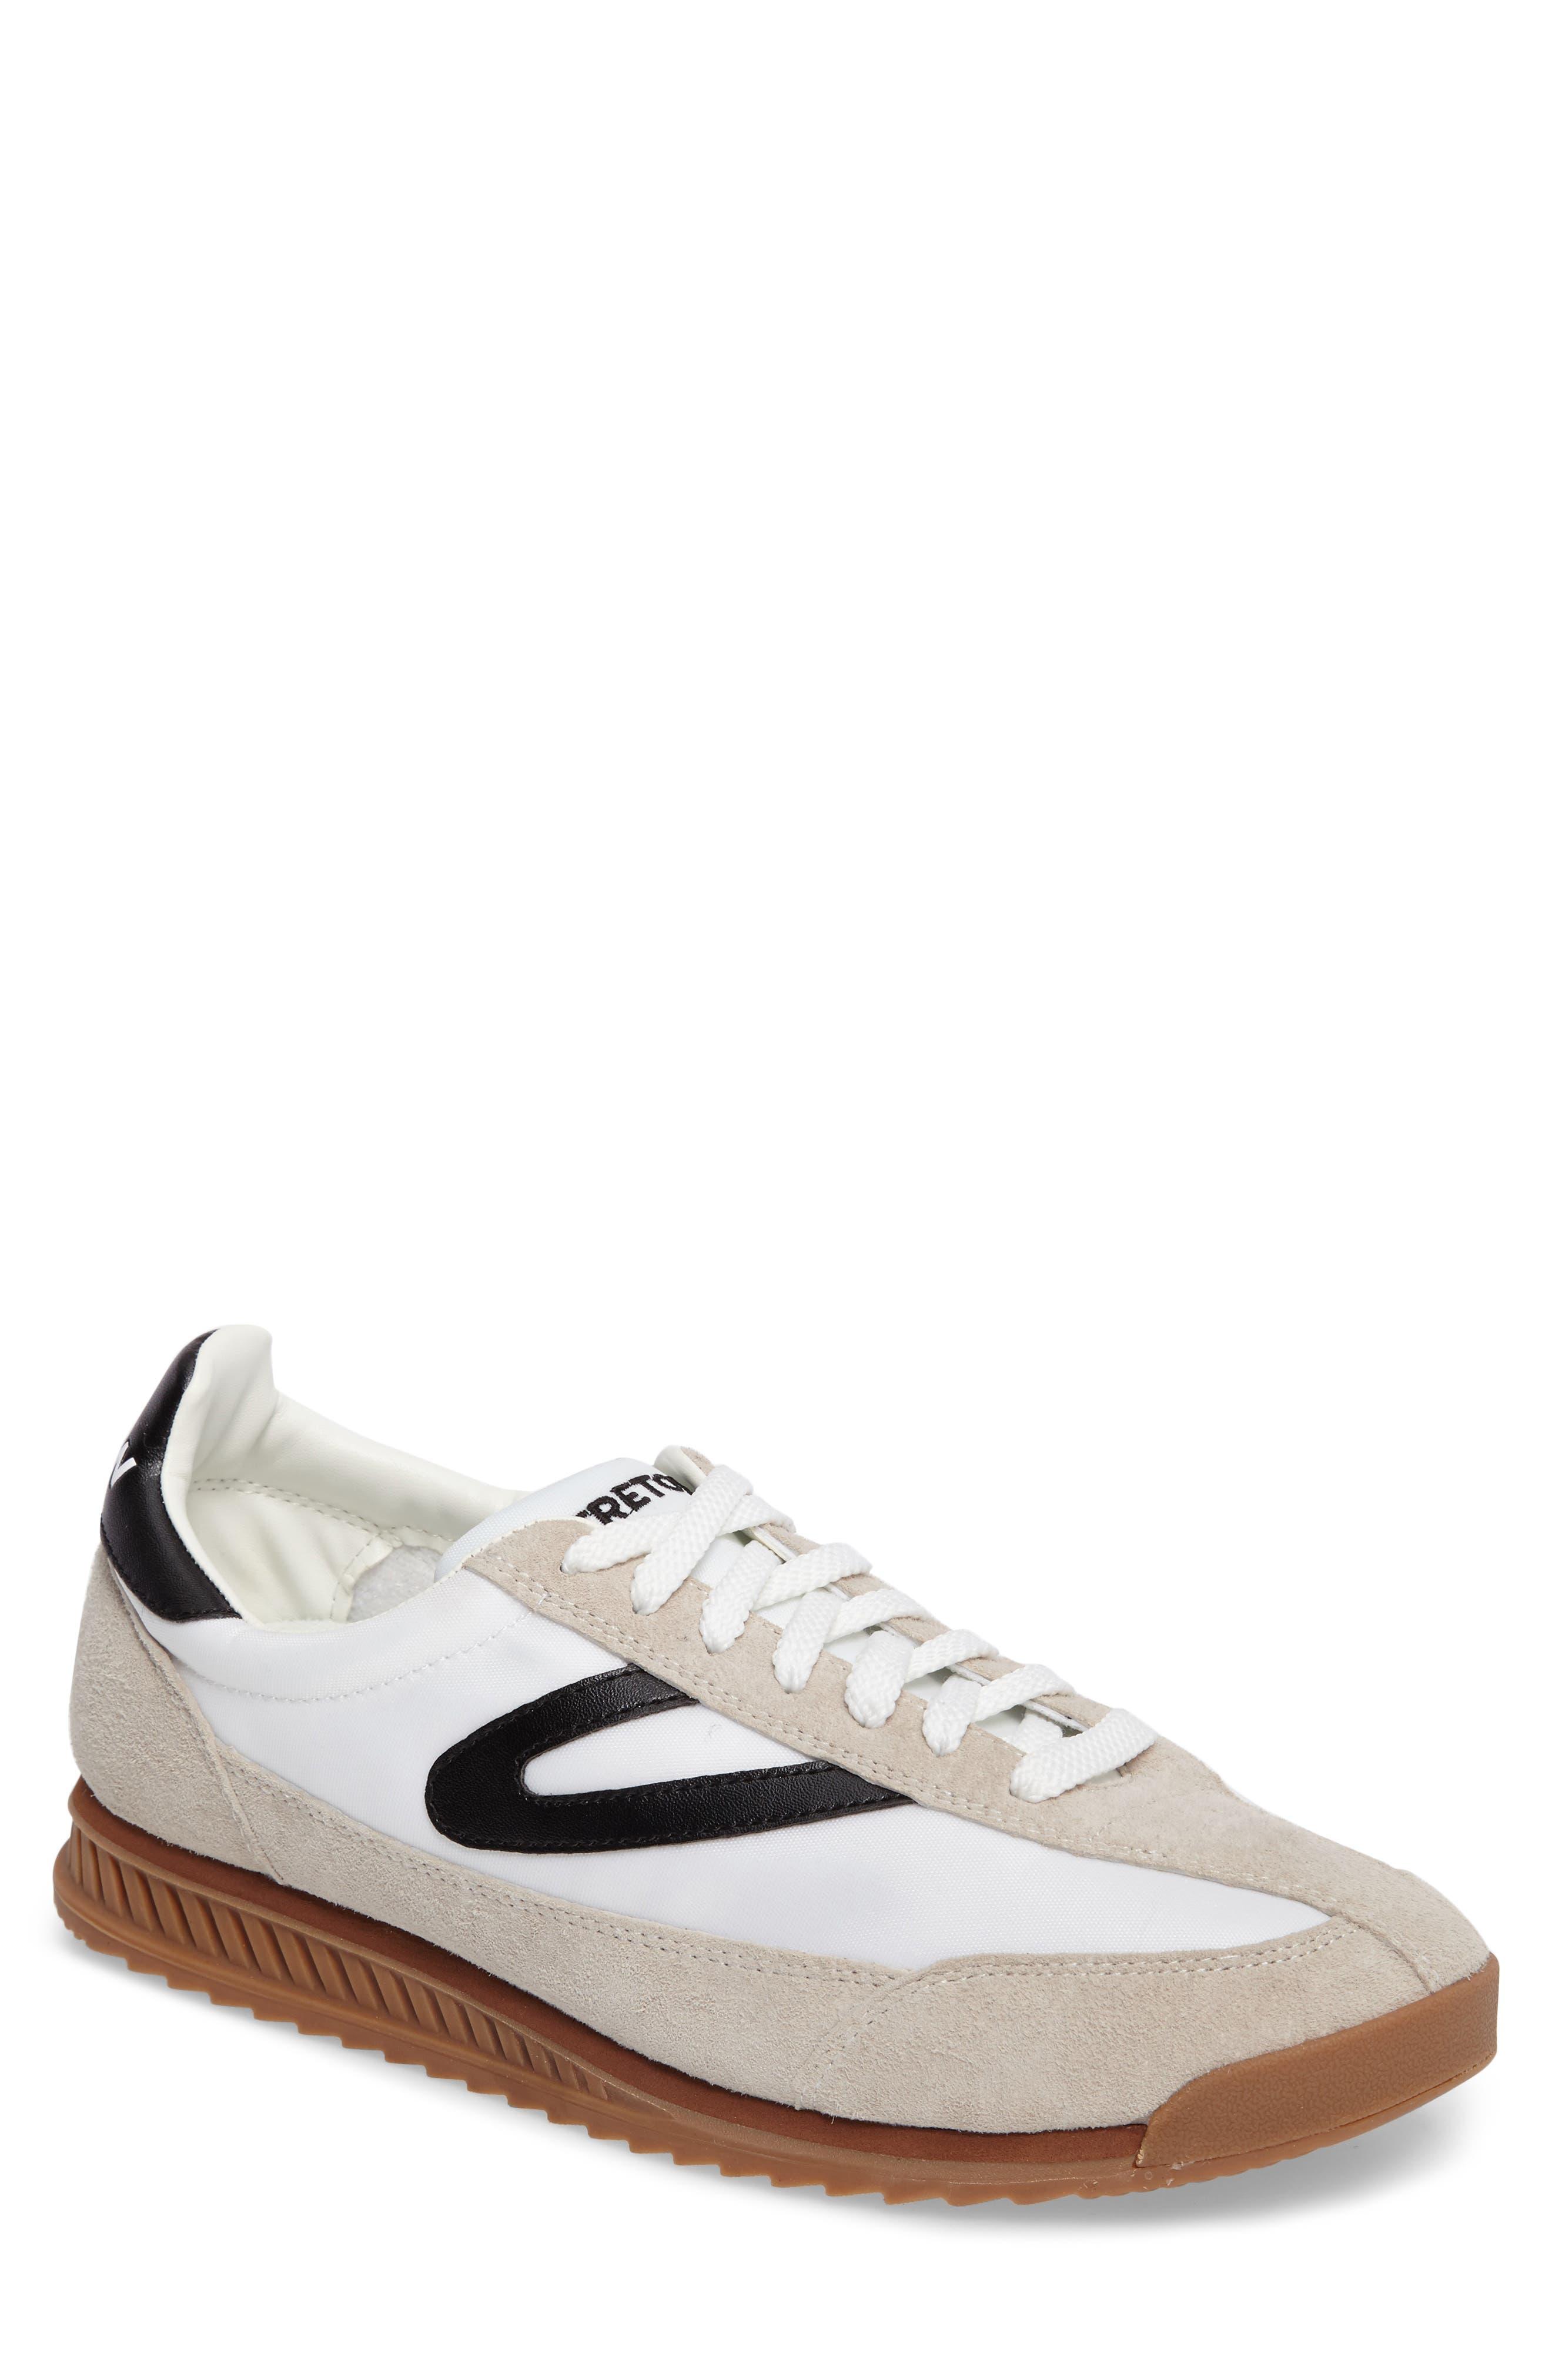 Rawlins 3 Sneaker,                             Main thumbnail 1, color,                             100